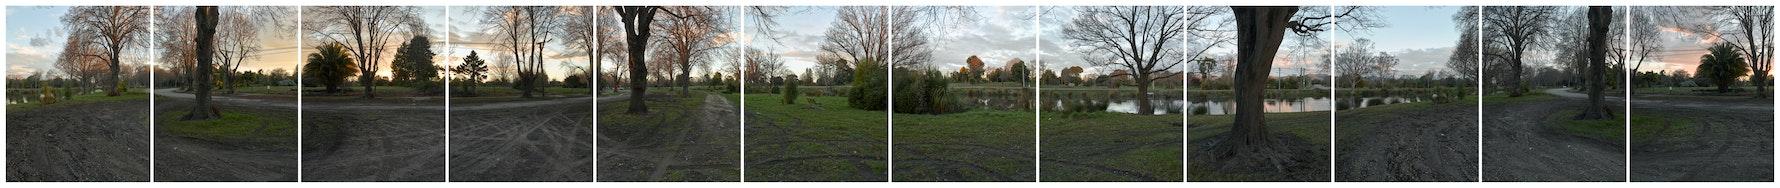 River Road, 2018. 360 degree panorama.